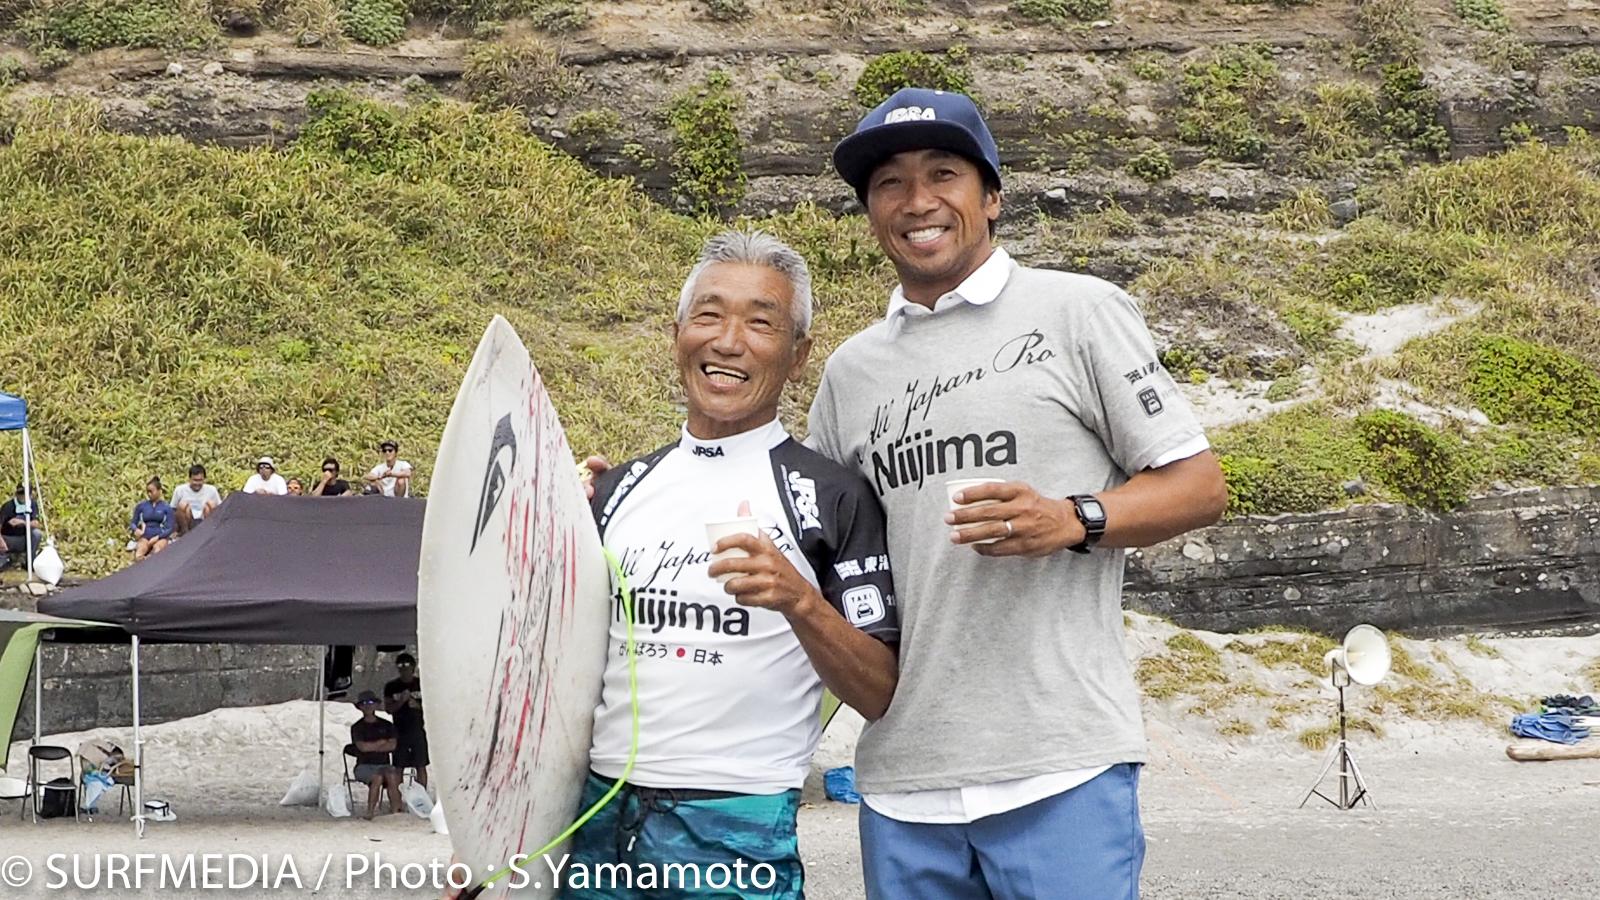 シニア・マスタープロもスタートさせ、名誉顧問である川井 幹雄氏など往年のスターたちが再びコンテストへ戻った